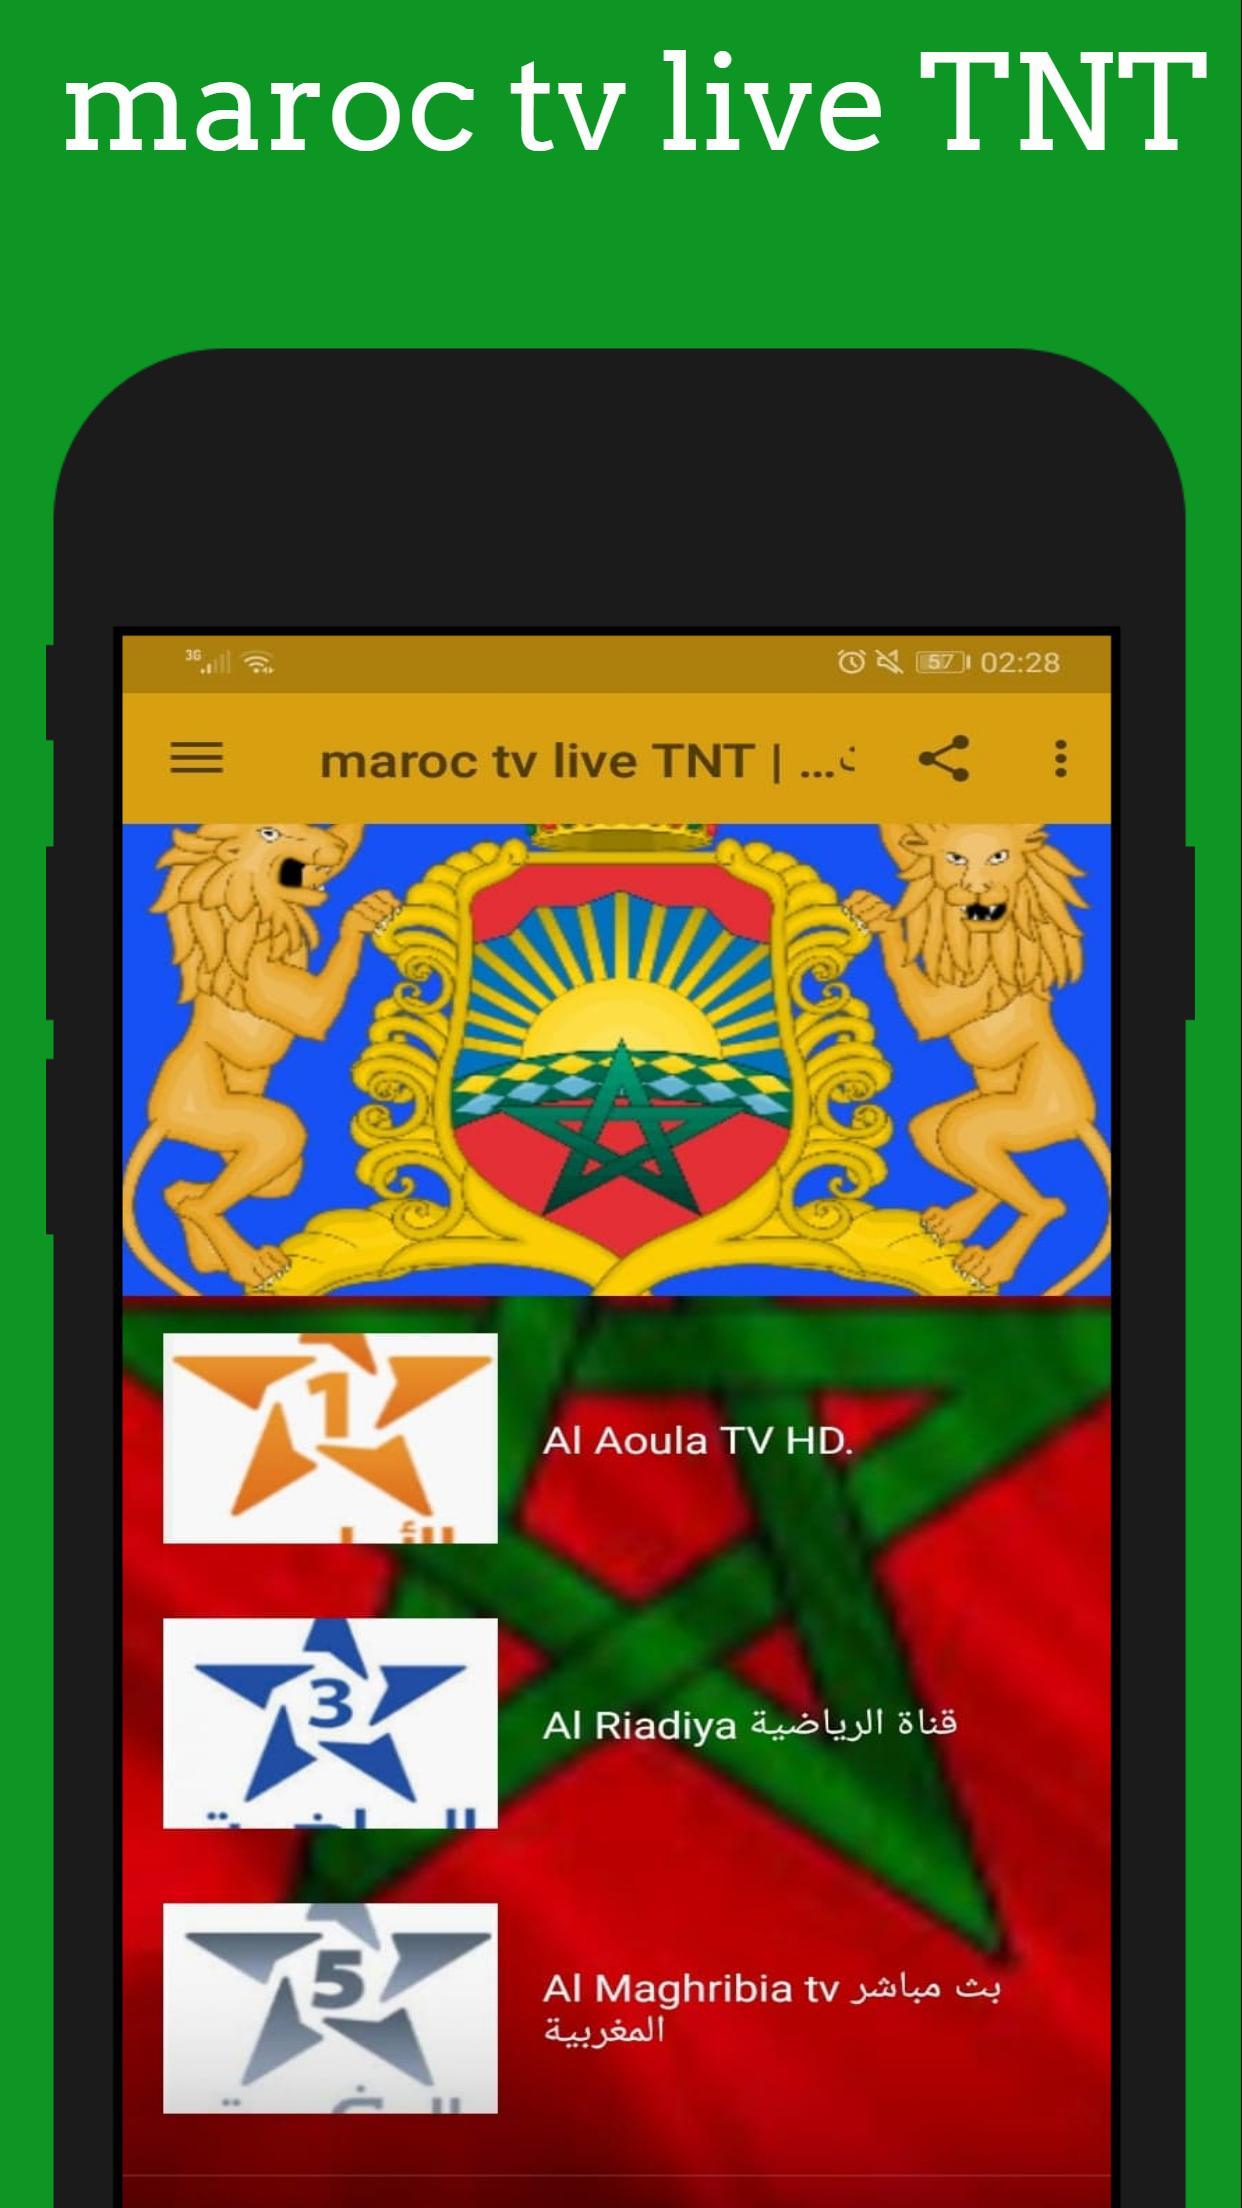 تلفاز قنوات المغربية بدون تقطيع Maroc Tv Live Tnt For Android Apk Download